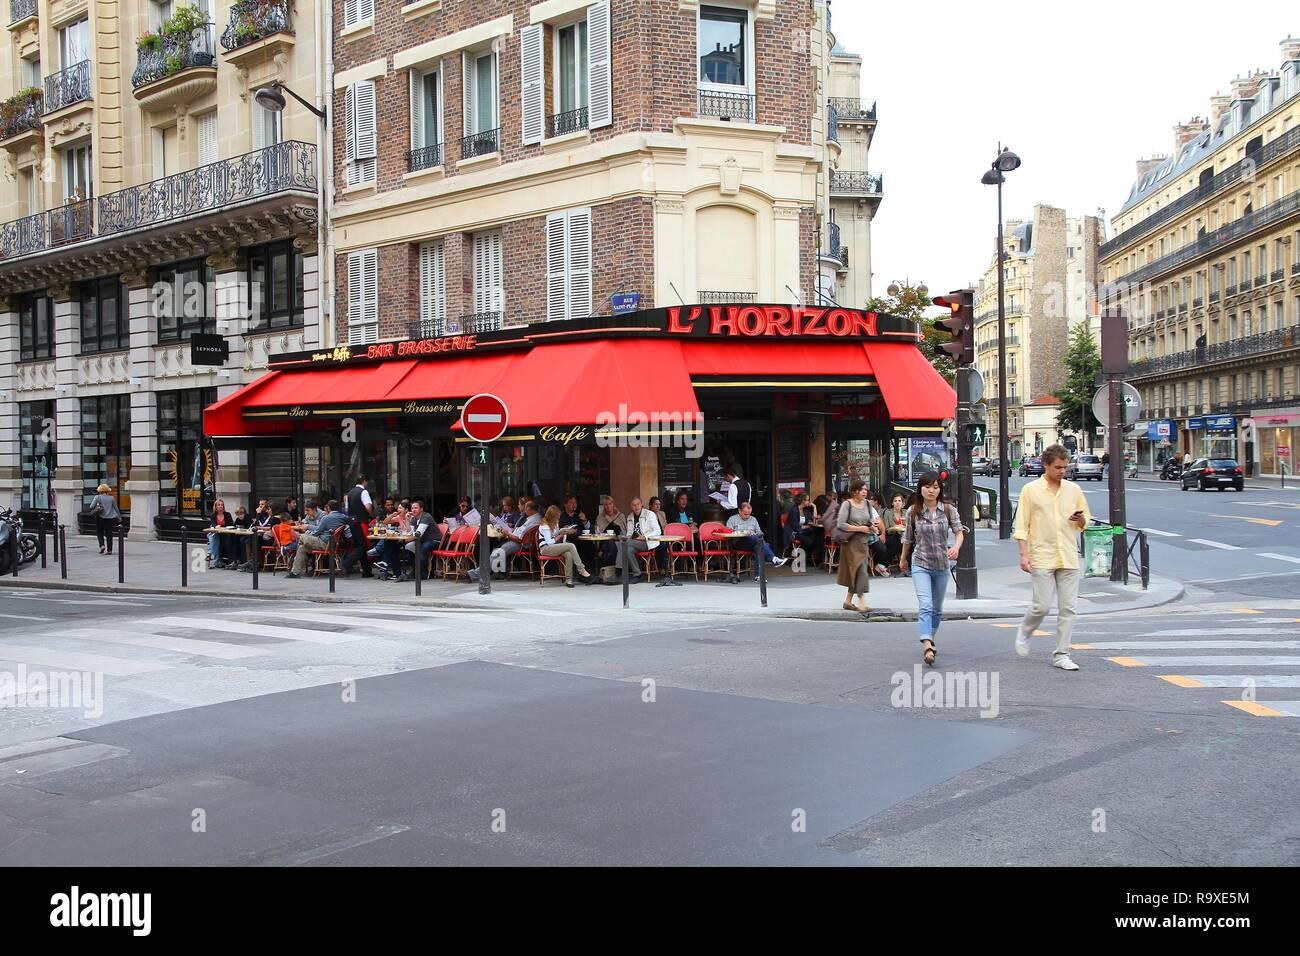 PARIS - le 24 juillet: les touristes manger au restaurant L'Horizon le 24 juillet 2011 à Paris, France. Paris est la ville la plus visitée au monde avec 15,6 millions de dollars Photo Stock